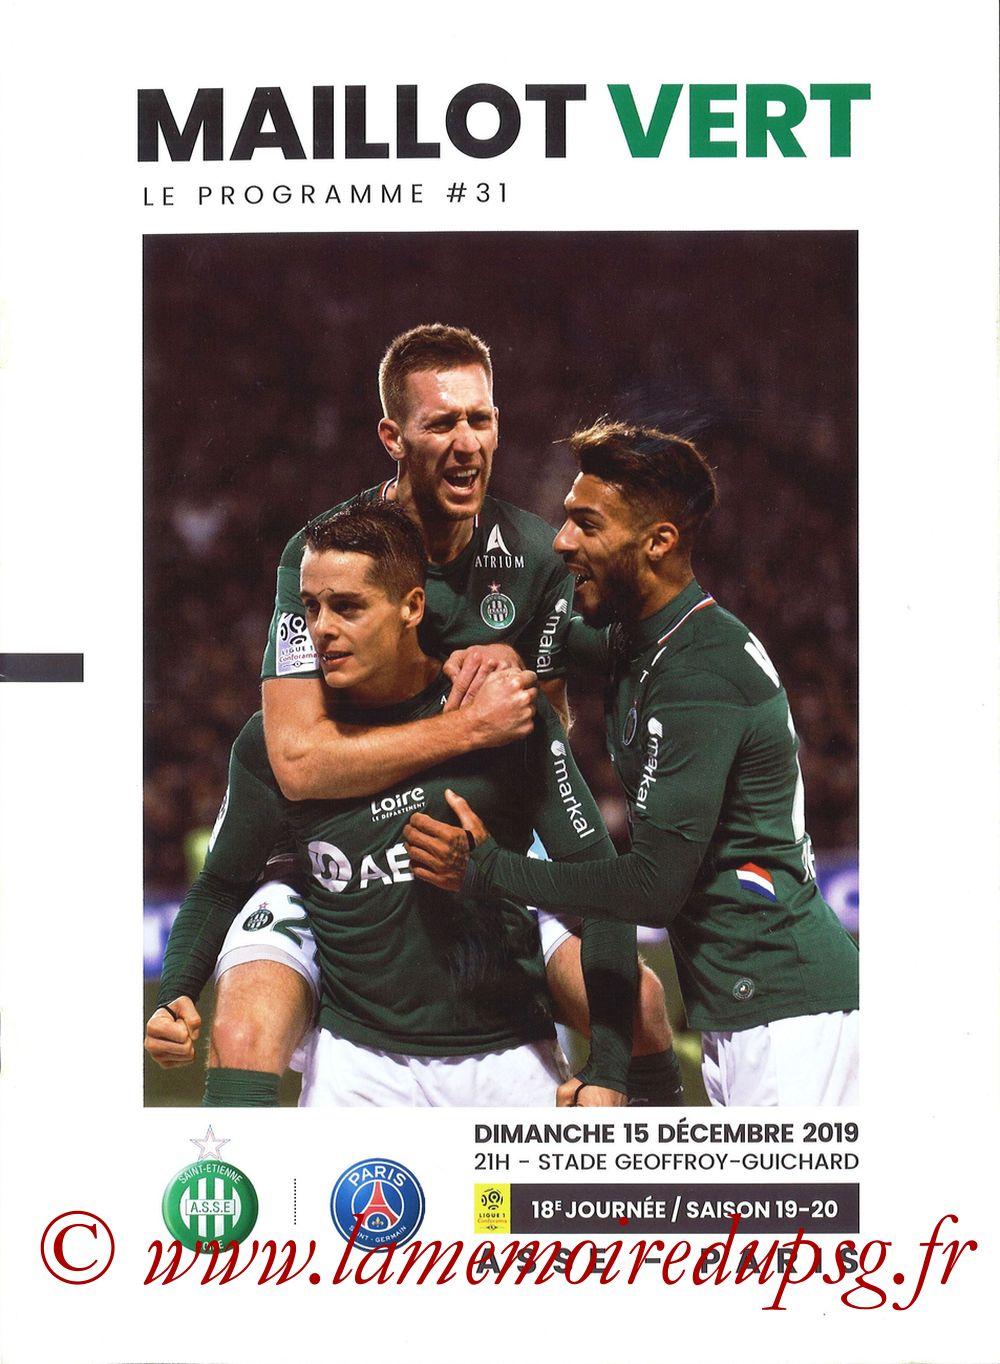 2019-12-15  Saint-Etienne (18ème L1, Maillot Vert N°31)